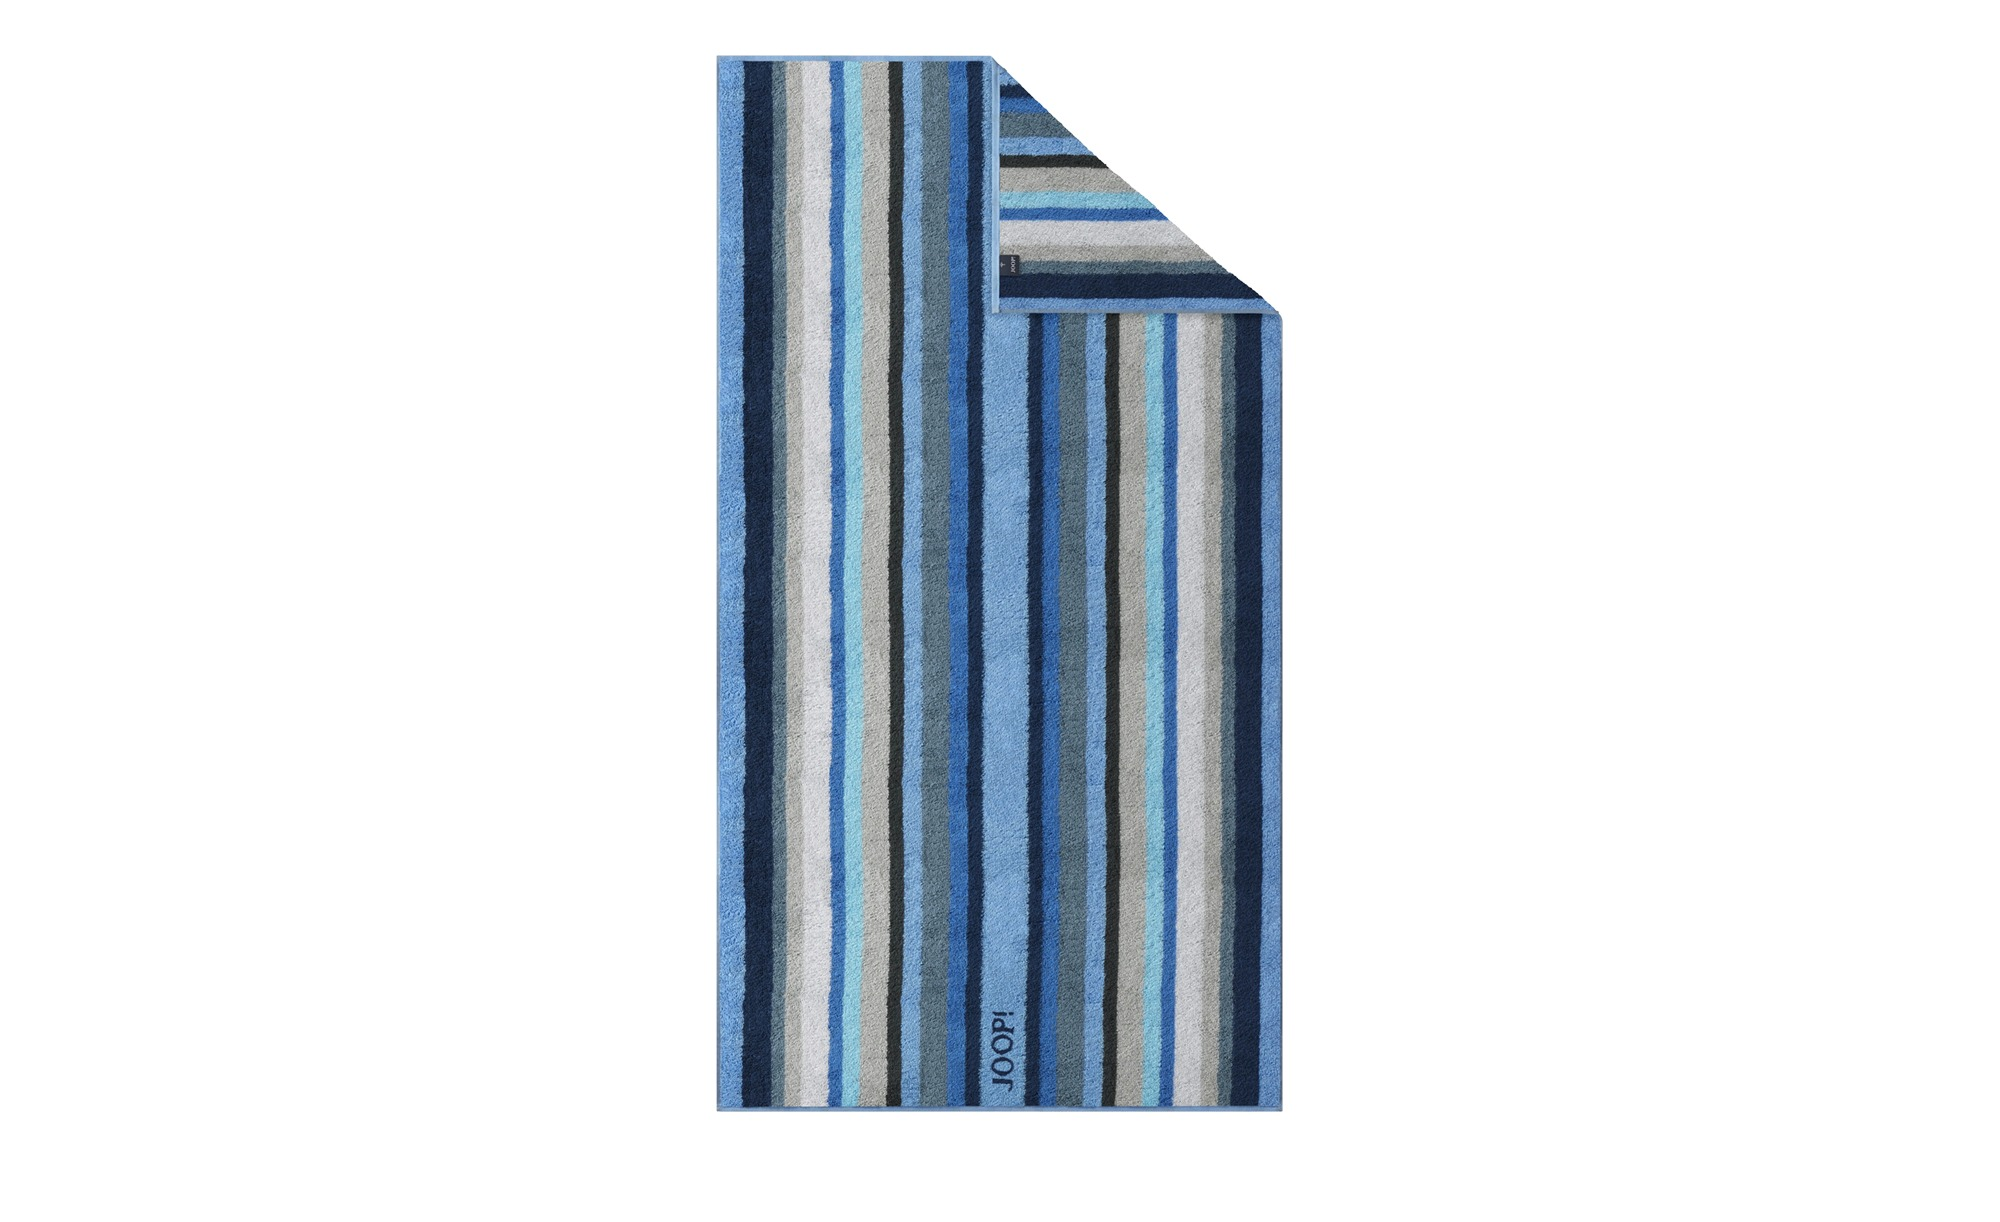 JOOP! Handtuch  JOOP 1664 Stripes ¦ blau ¦ 100% Baumwolle ¦ Maße (cm): B: 50 Badtextilien und Zubehör > Handtücher & Badetücher > Handtücher - Höffner